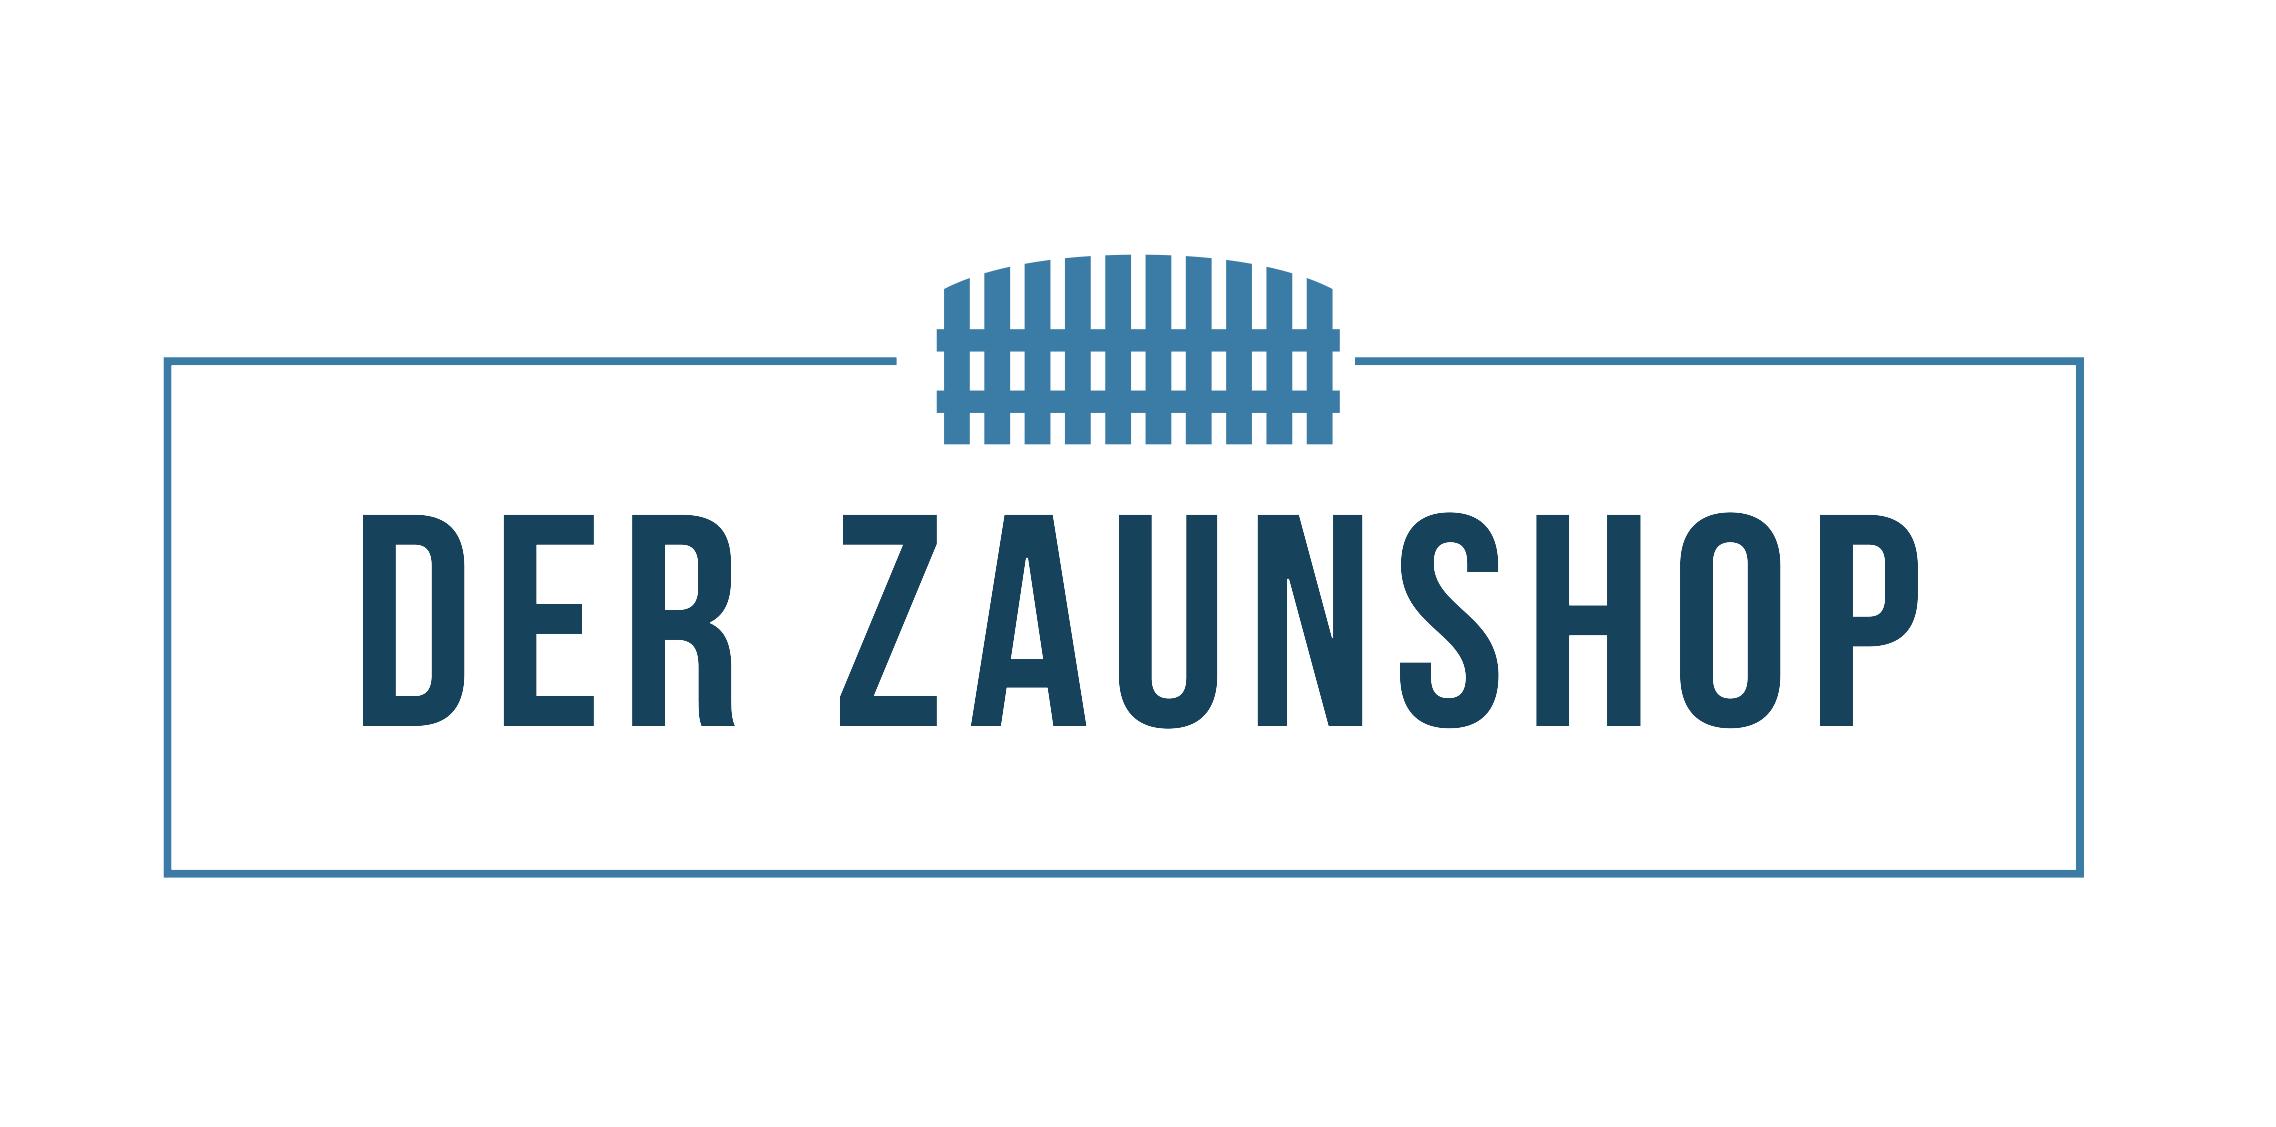 Zaunshop